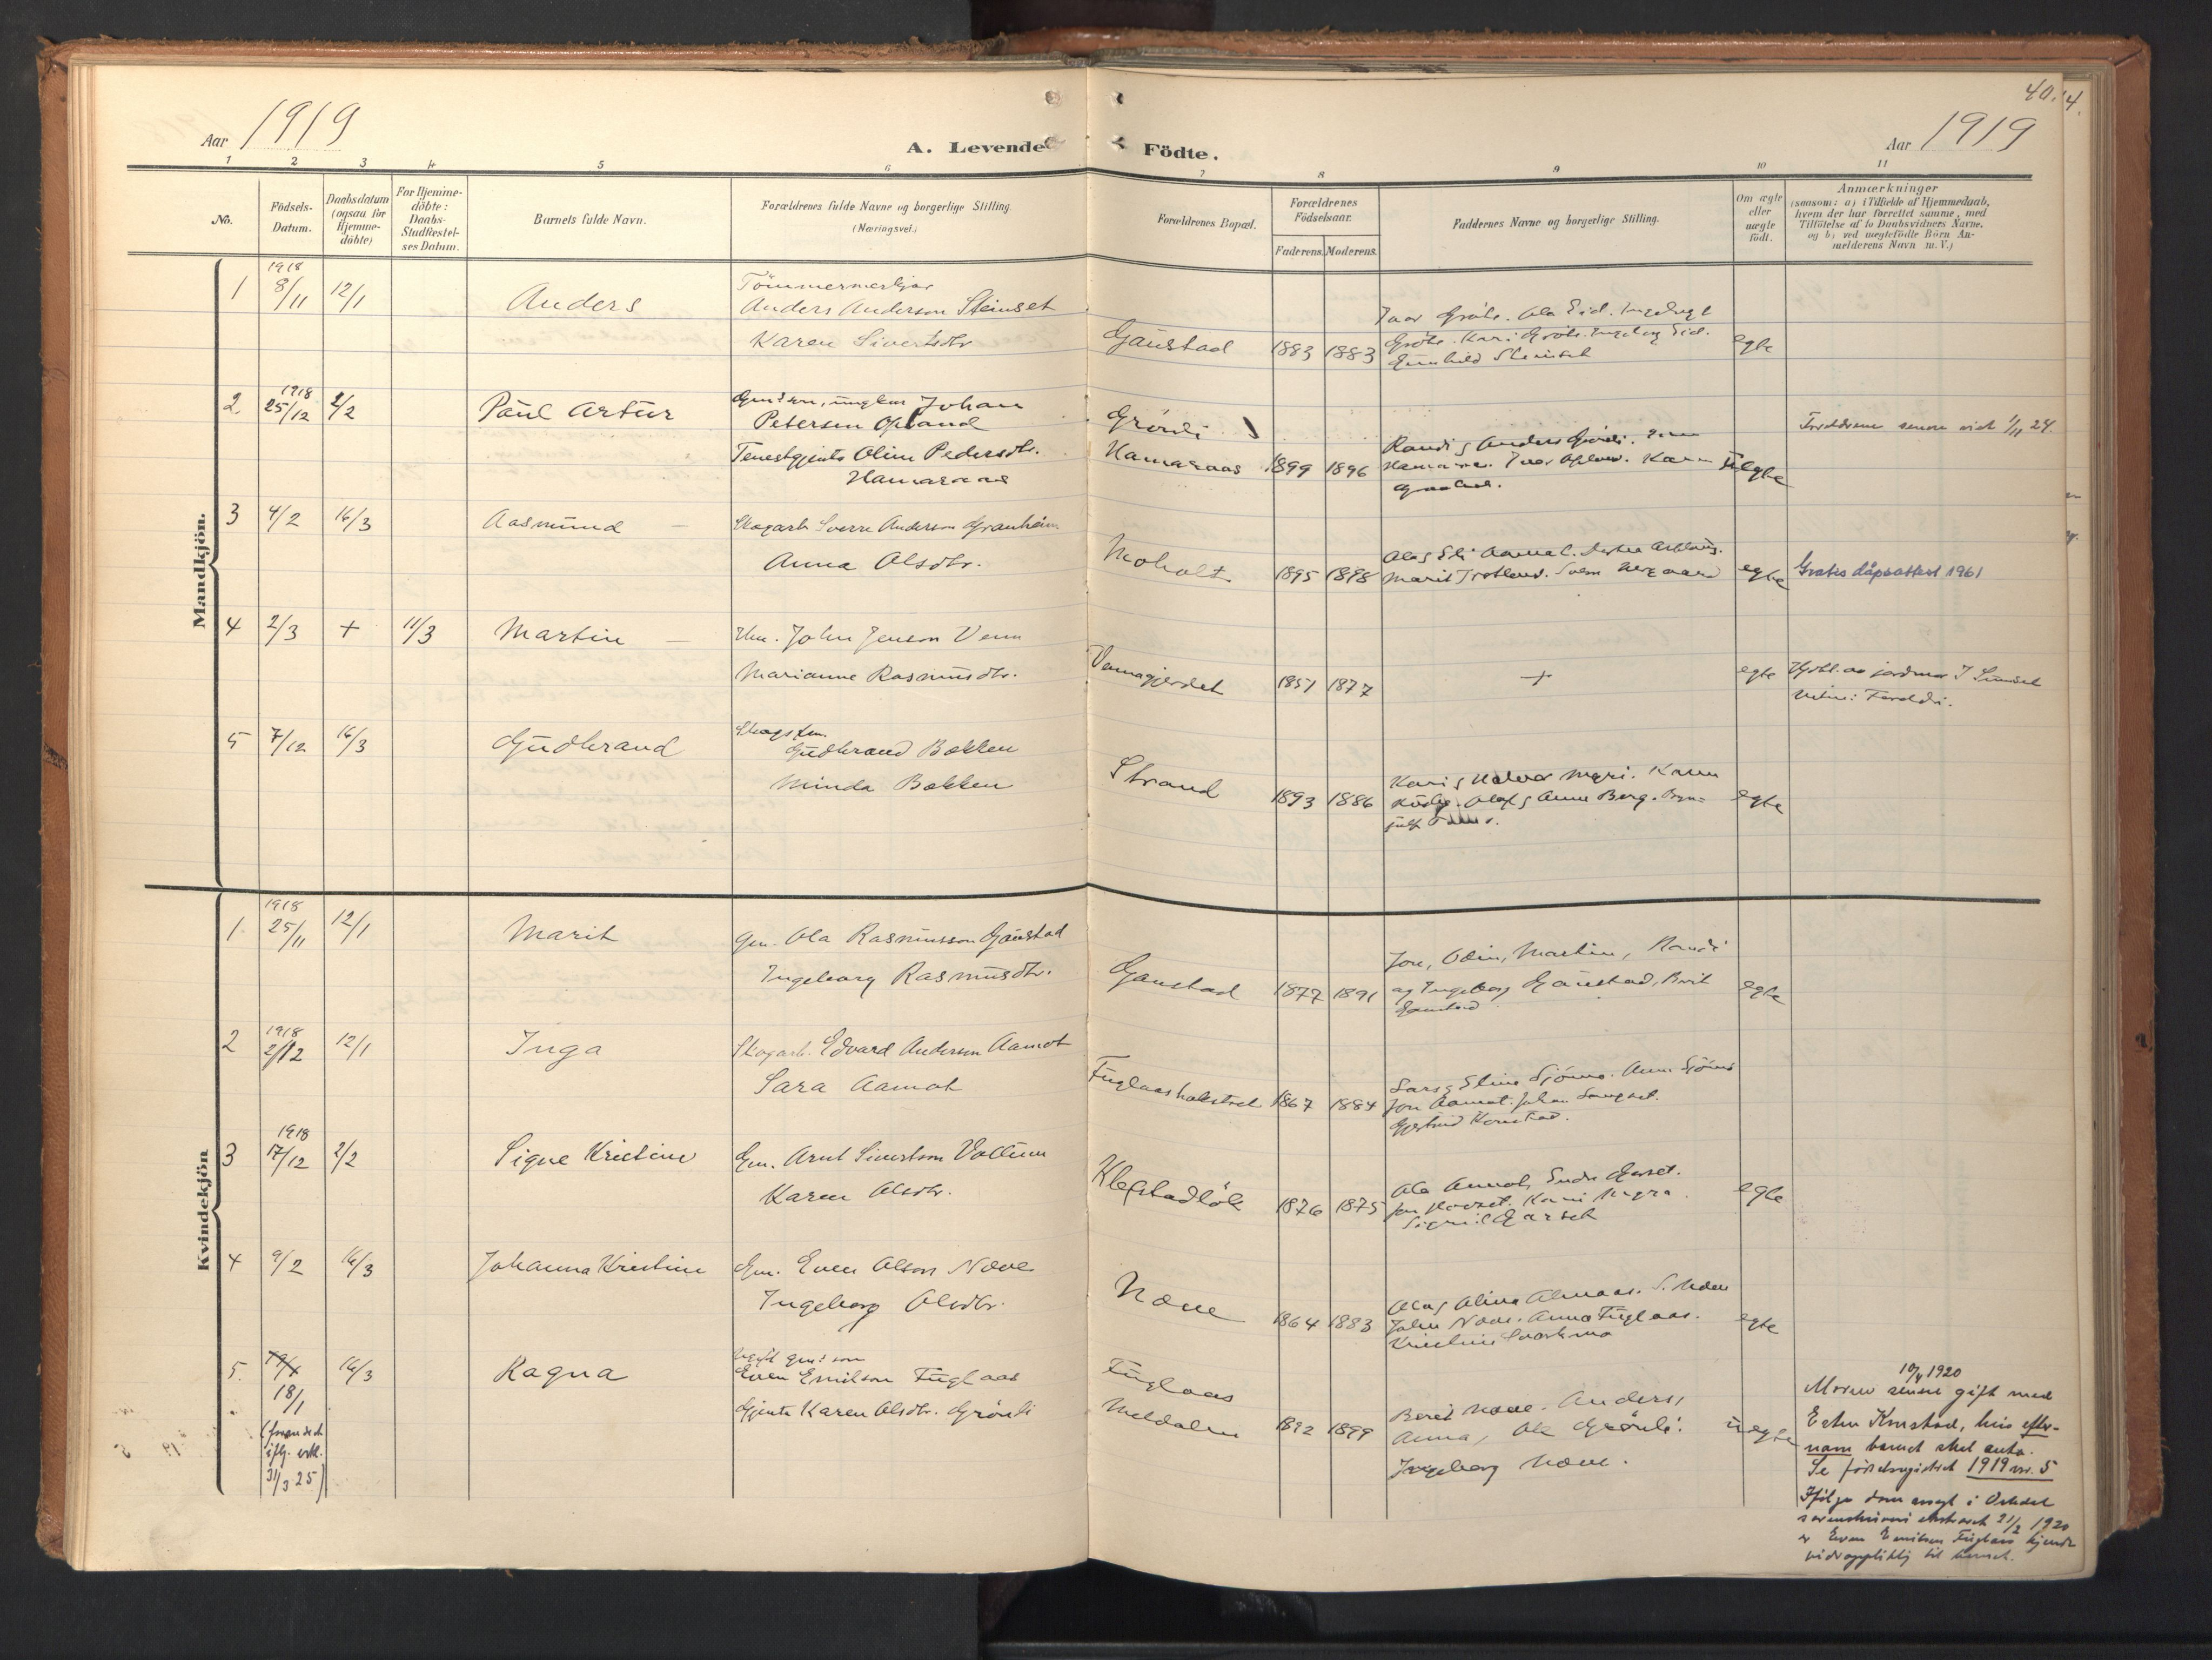 SAT, Ministerialprotokoller, klokkerbøker og fødselsregistre - Sør-Trøndelag, 694/L1128: Ministerialbok nr. 694A02, 1906-1931, s. 40